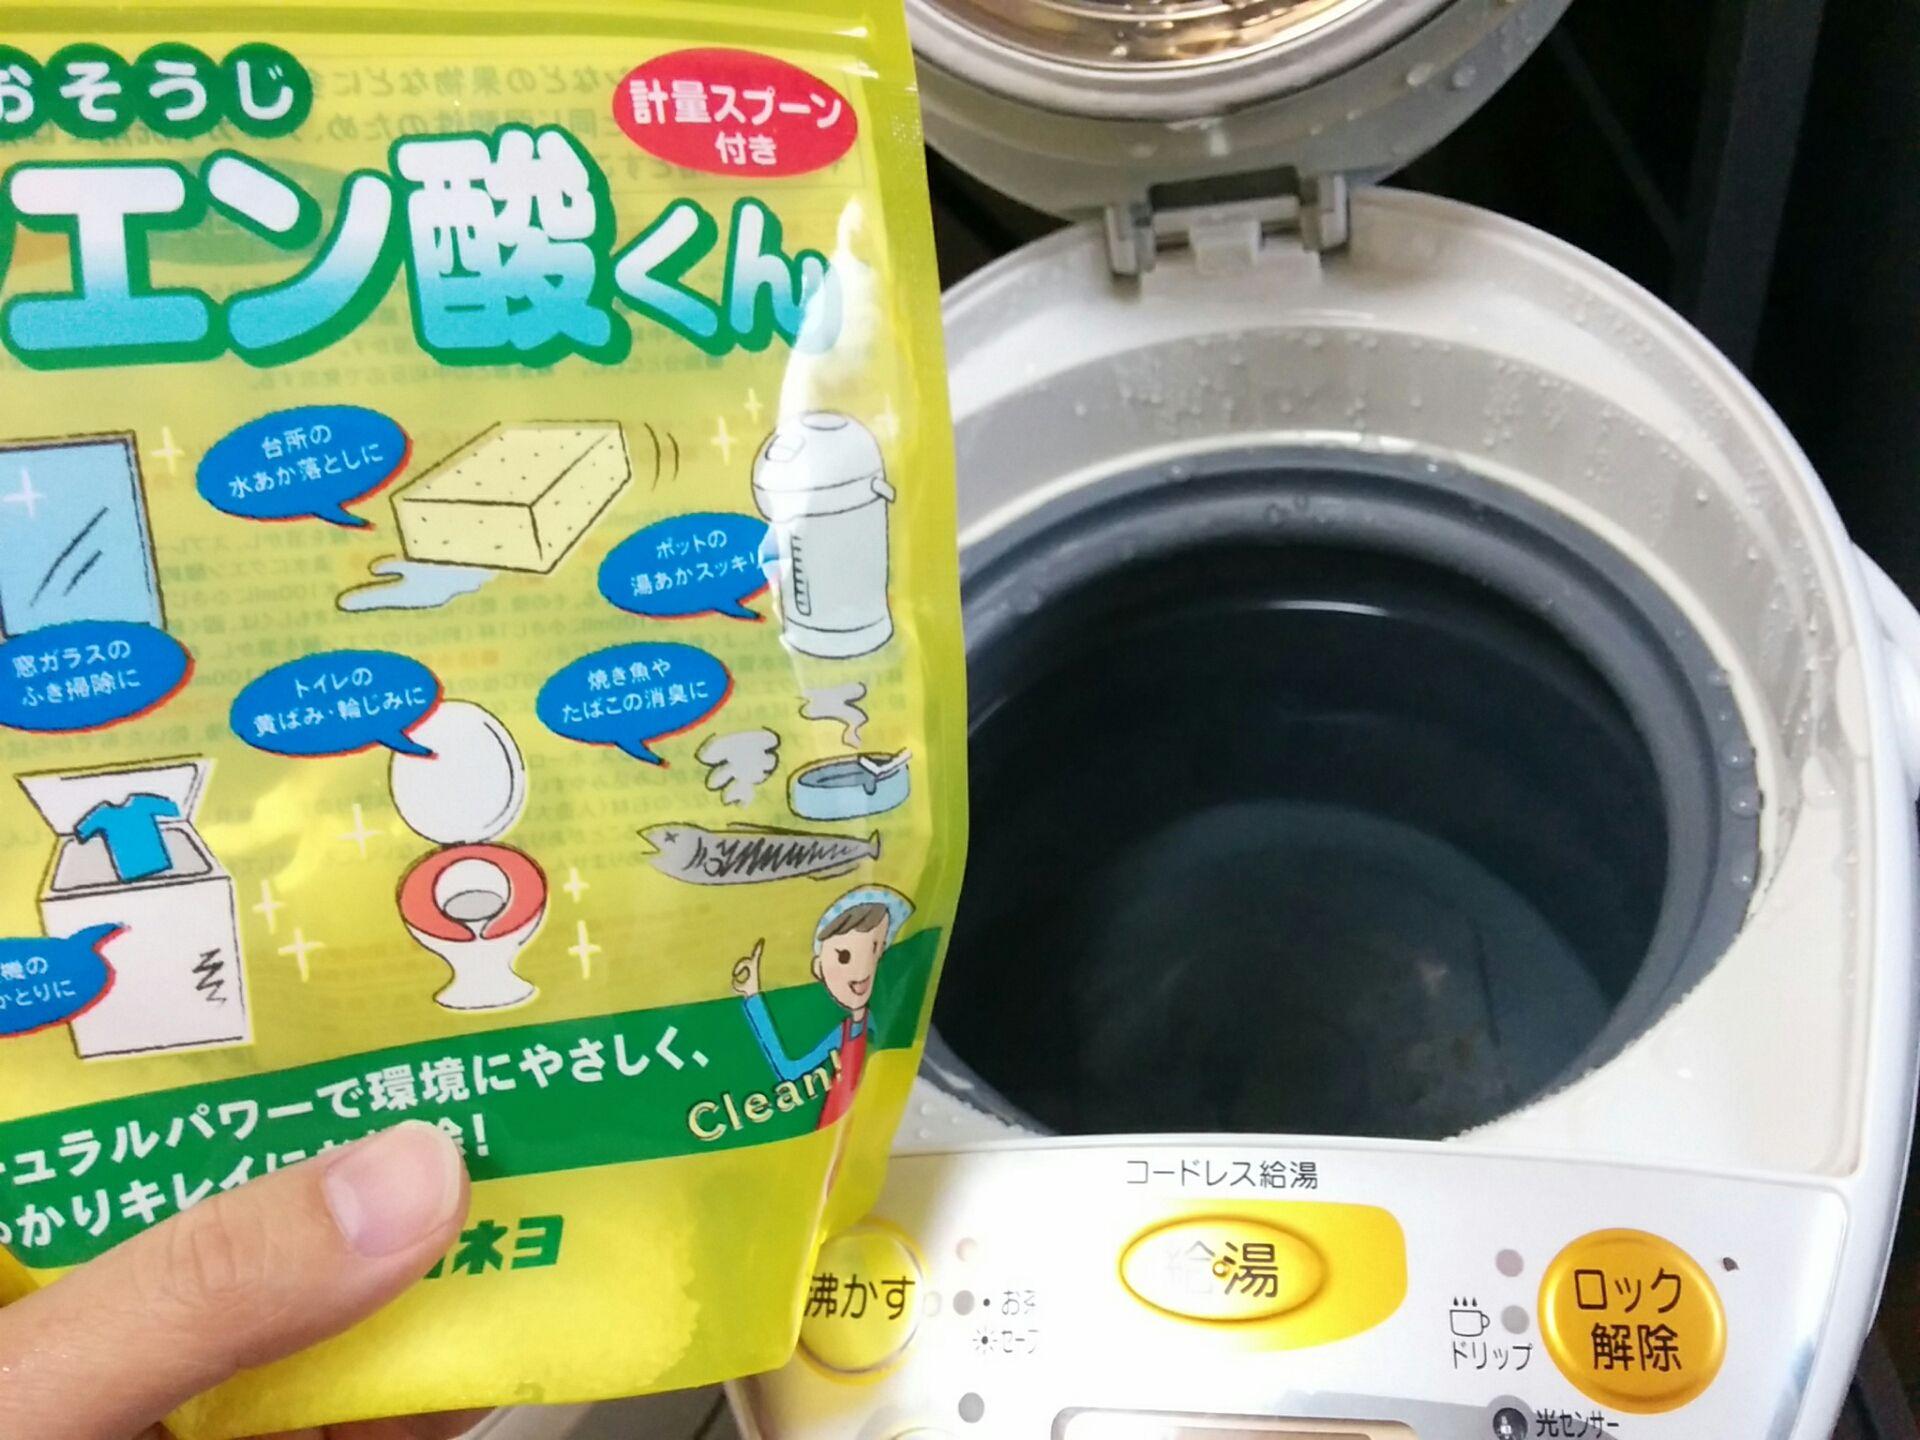 クエン 電気 酸 ポット 電気ポットの掃除・洗浄には重曹やお酢がおすすめ!節約にもなる